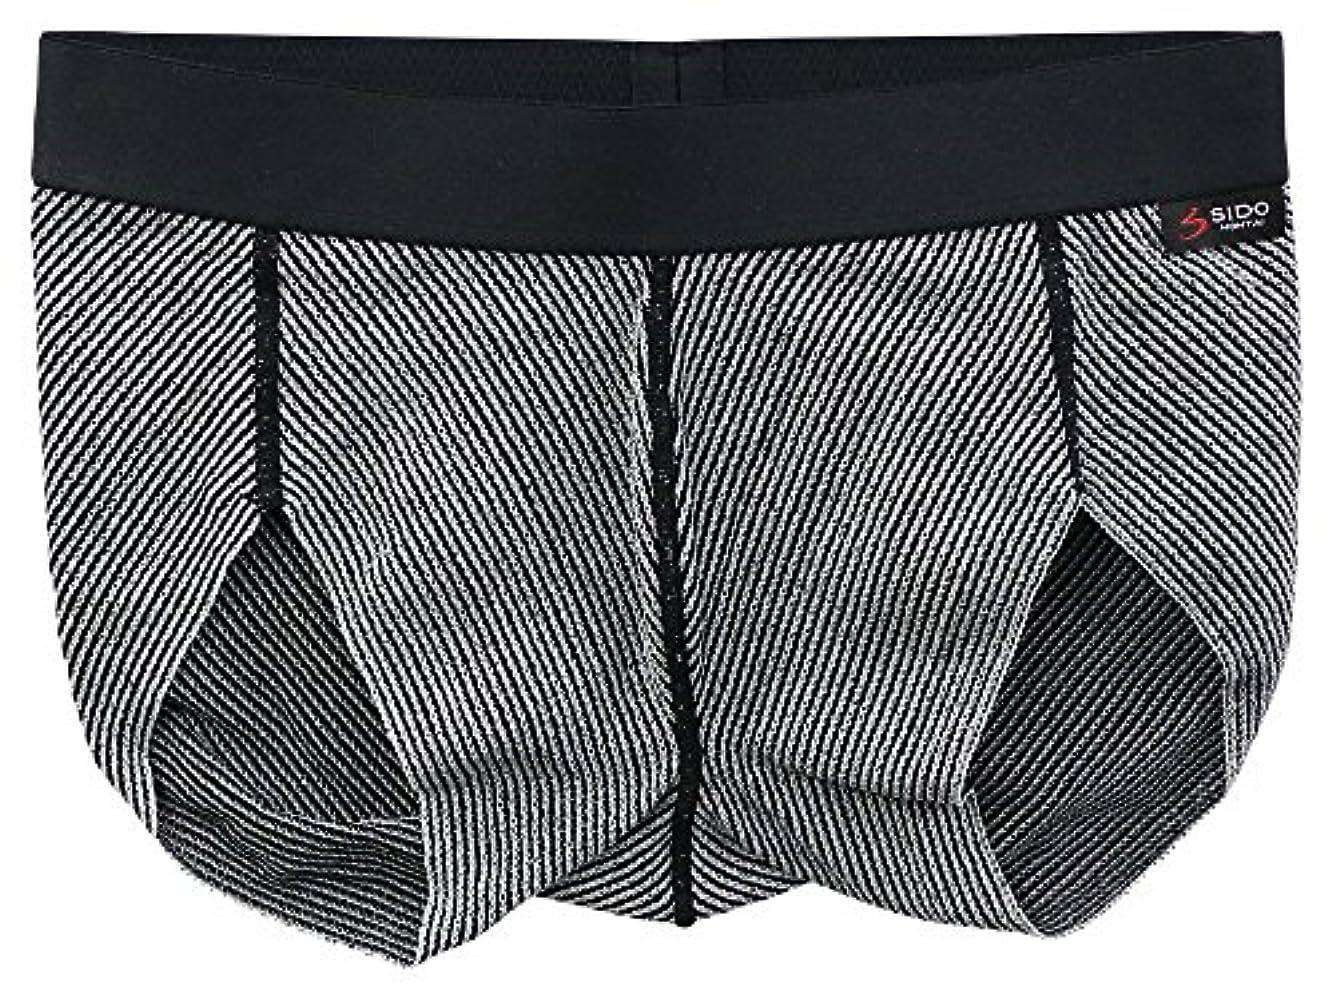 起きろ天気黙SIDO(シドー) 包帯パンツ マラソンパンツ マタズレーヌ ブラック S(68~76cm) 1066